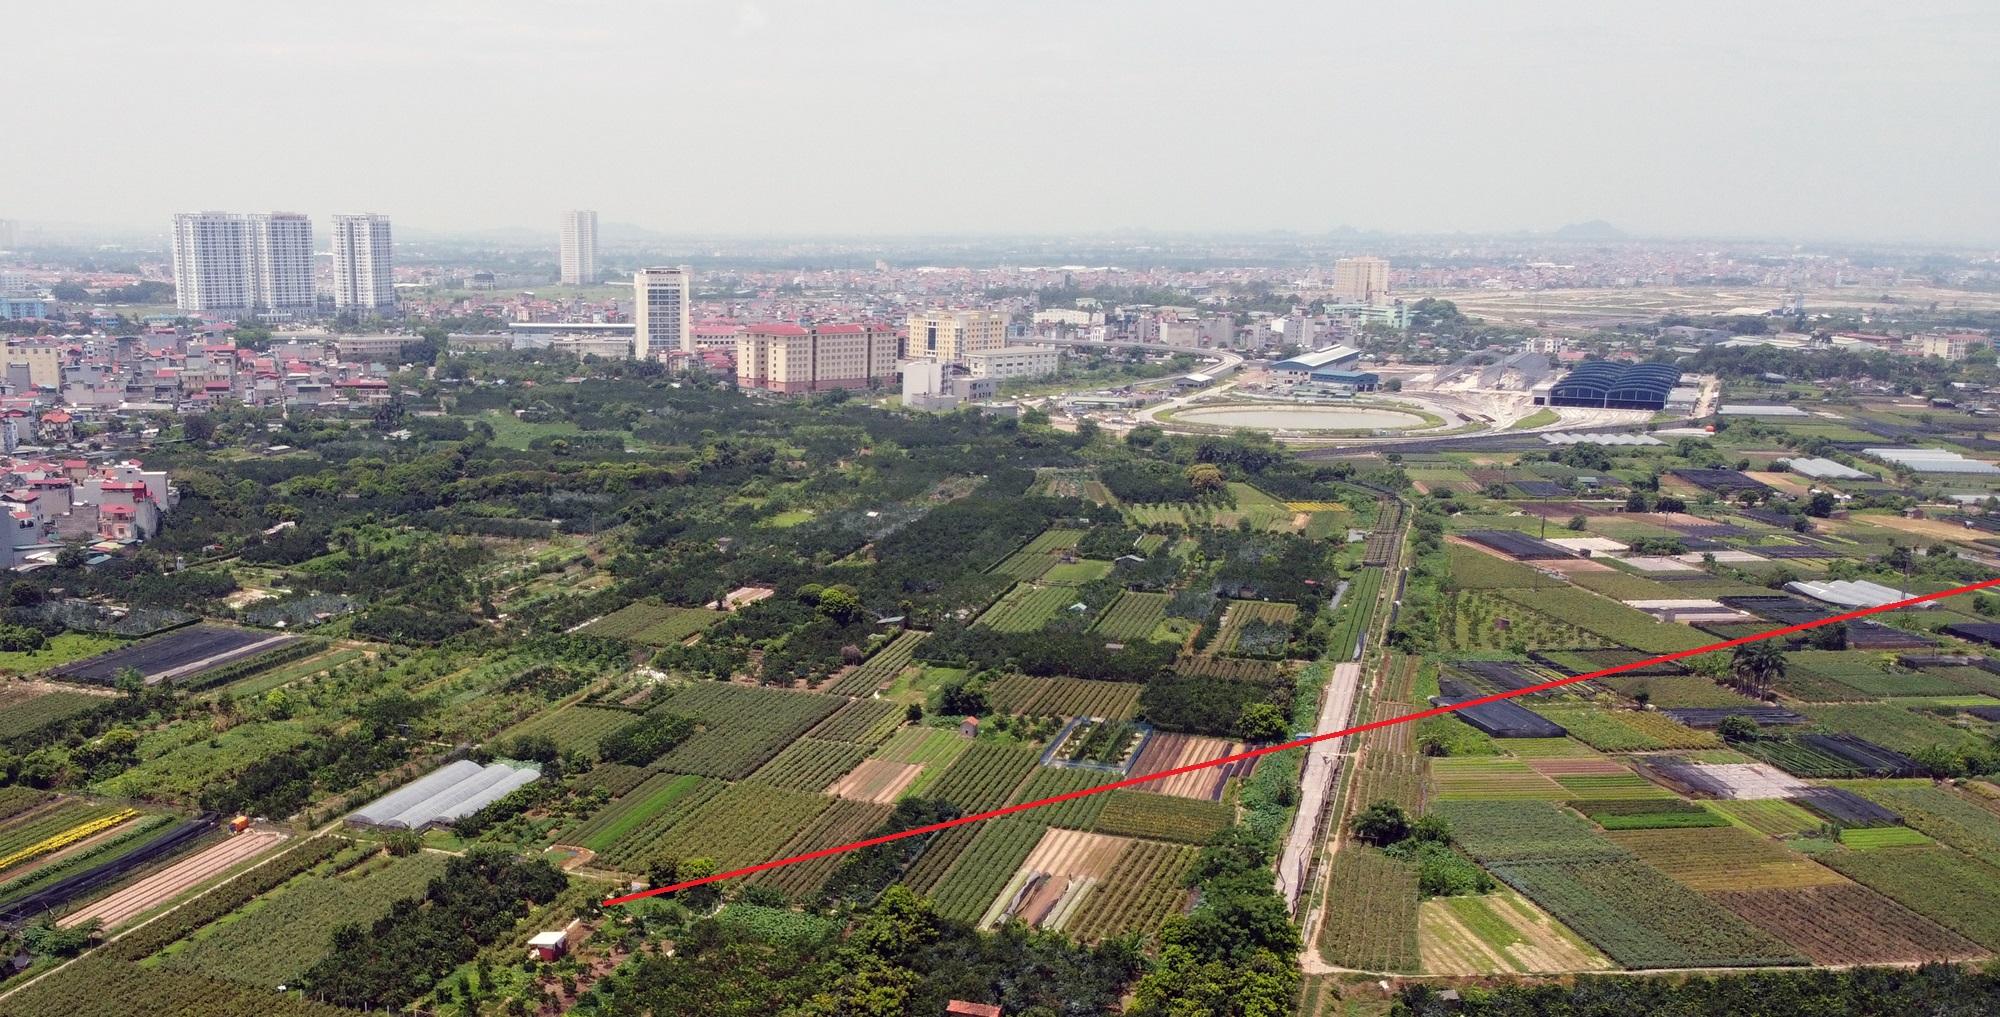 4 đường sẽ mở theo qui hoạch ở phường Tây Tựu, Bắc Từ Liêm - Ảnh 19.